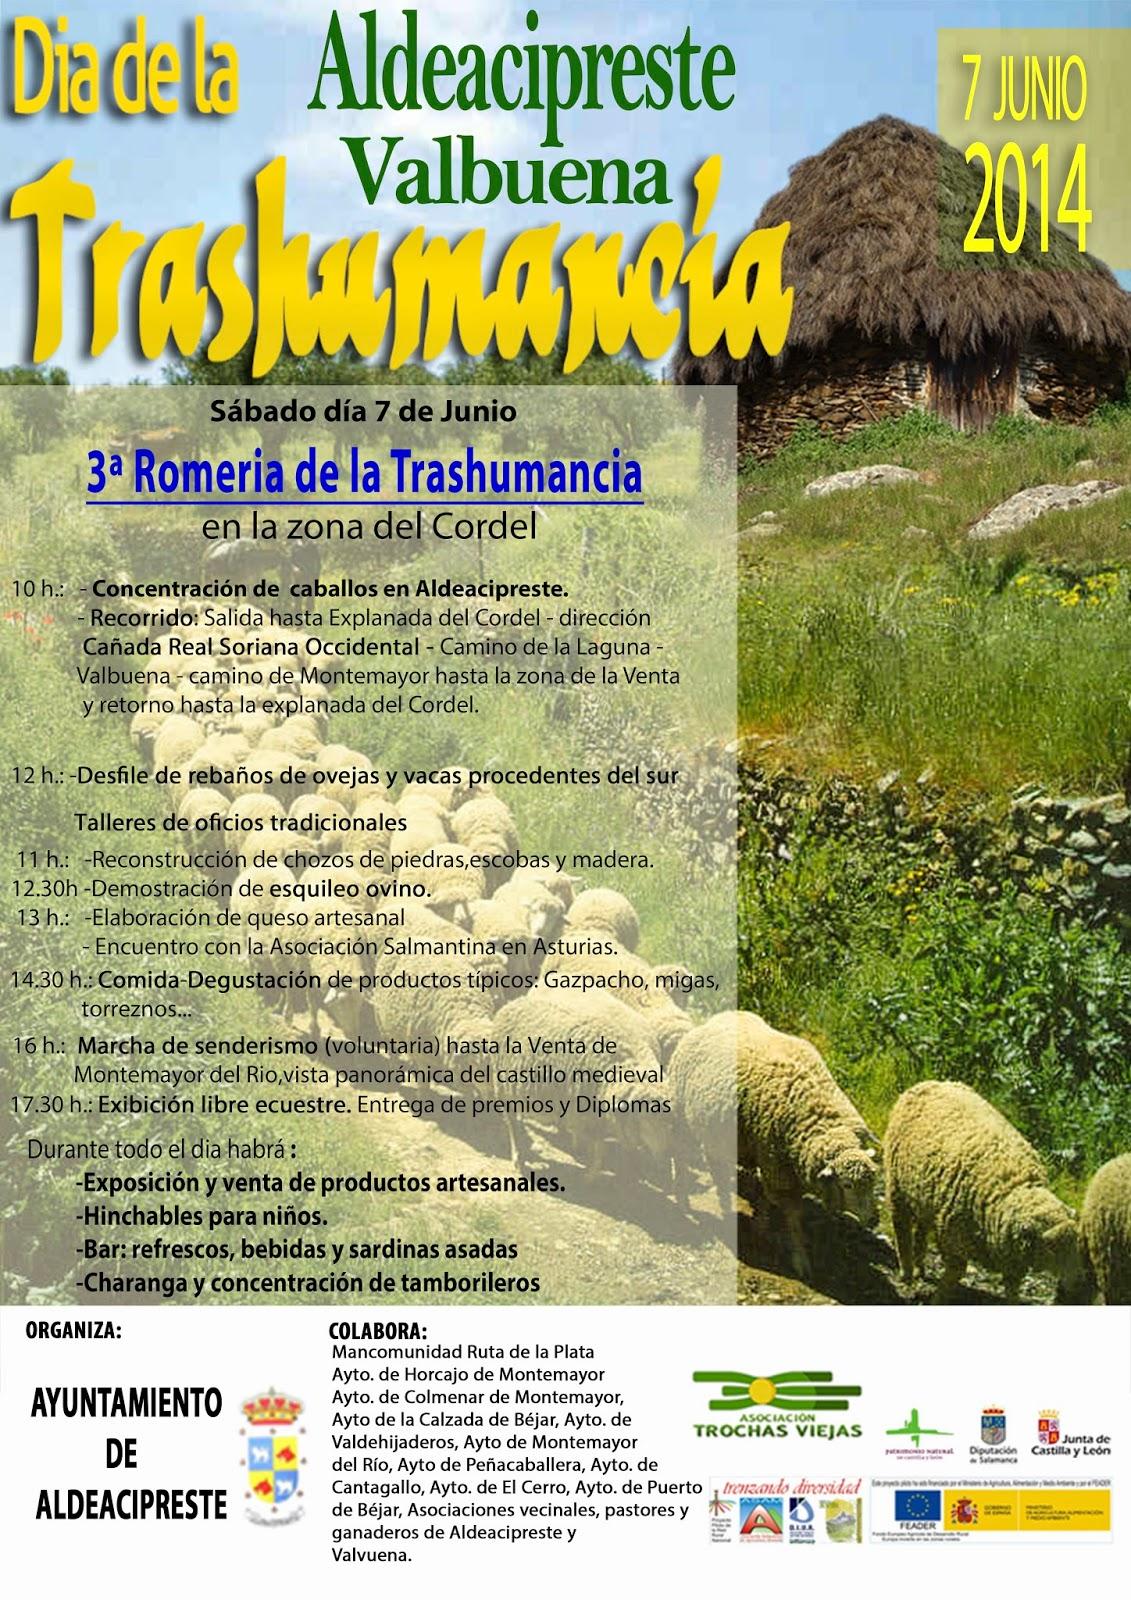 7/Junio. III Romería de al Trashumancia. Aldeacipreste. Valbuena